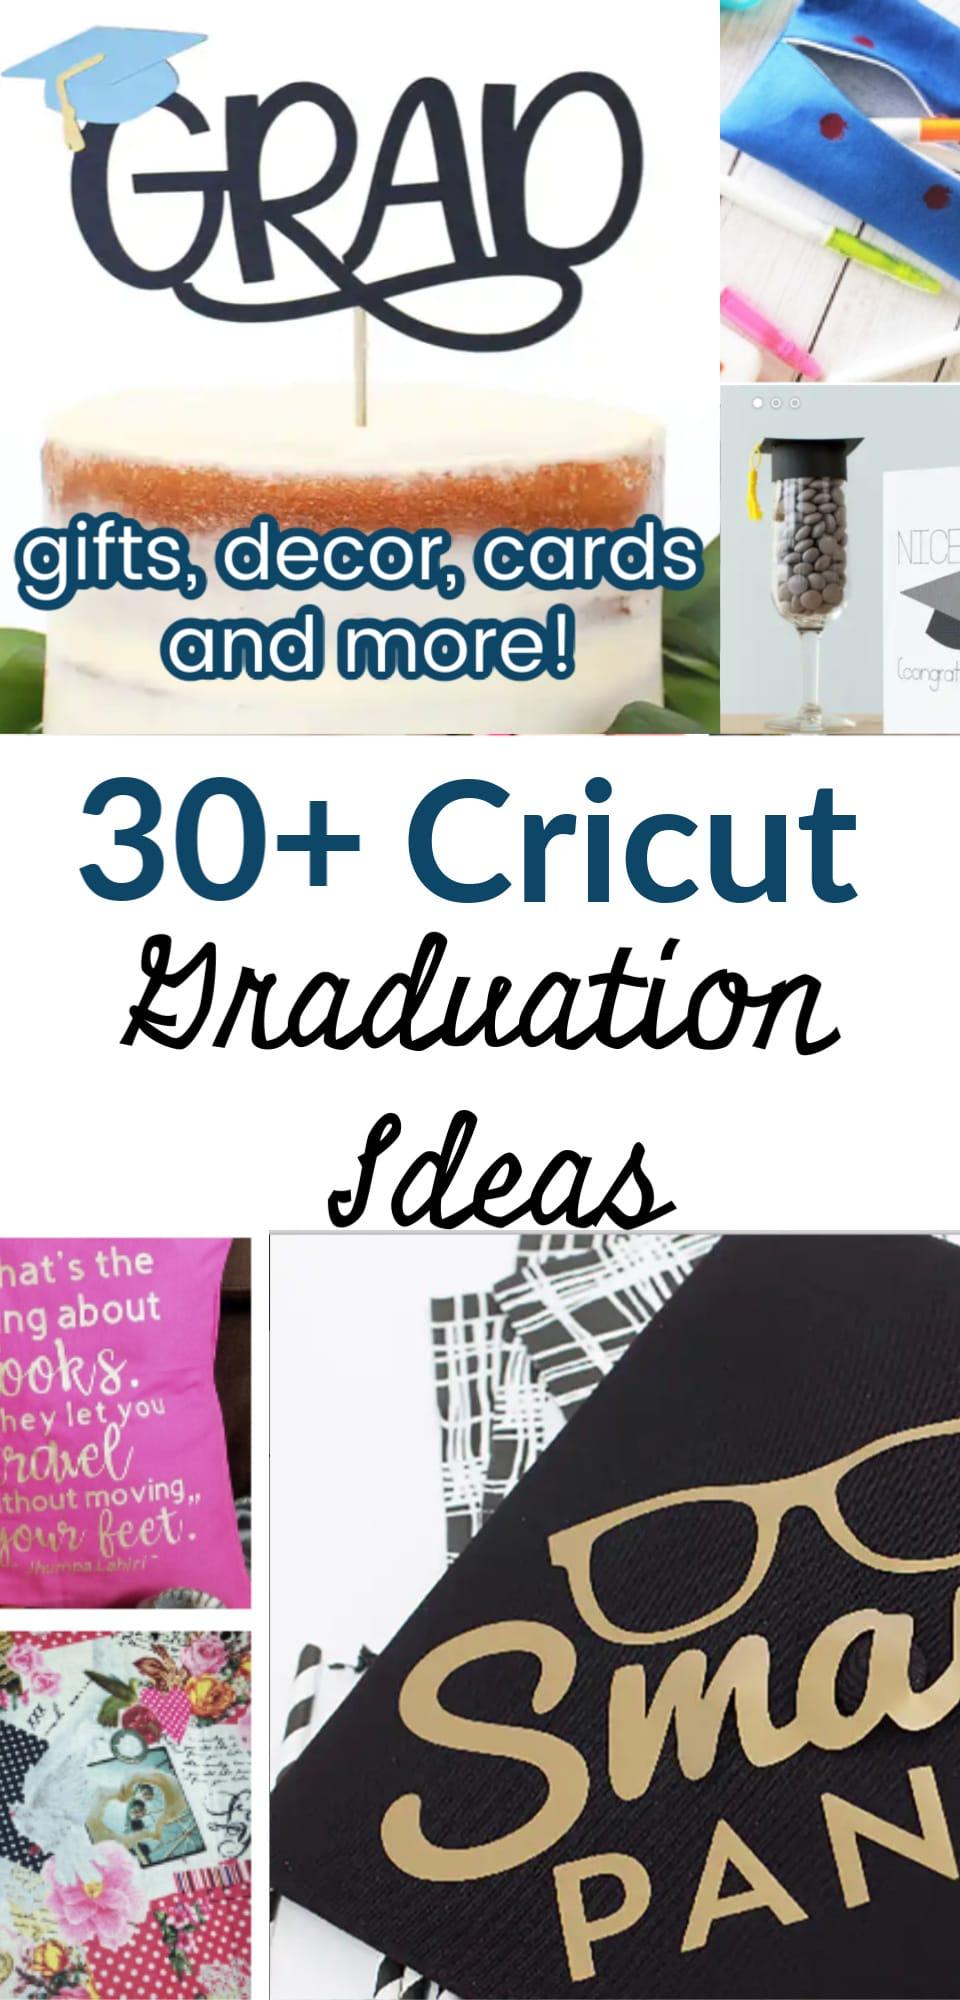 Cricut Graduation Ideas